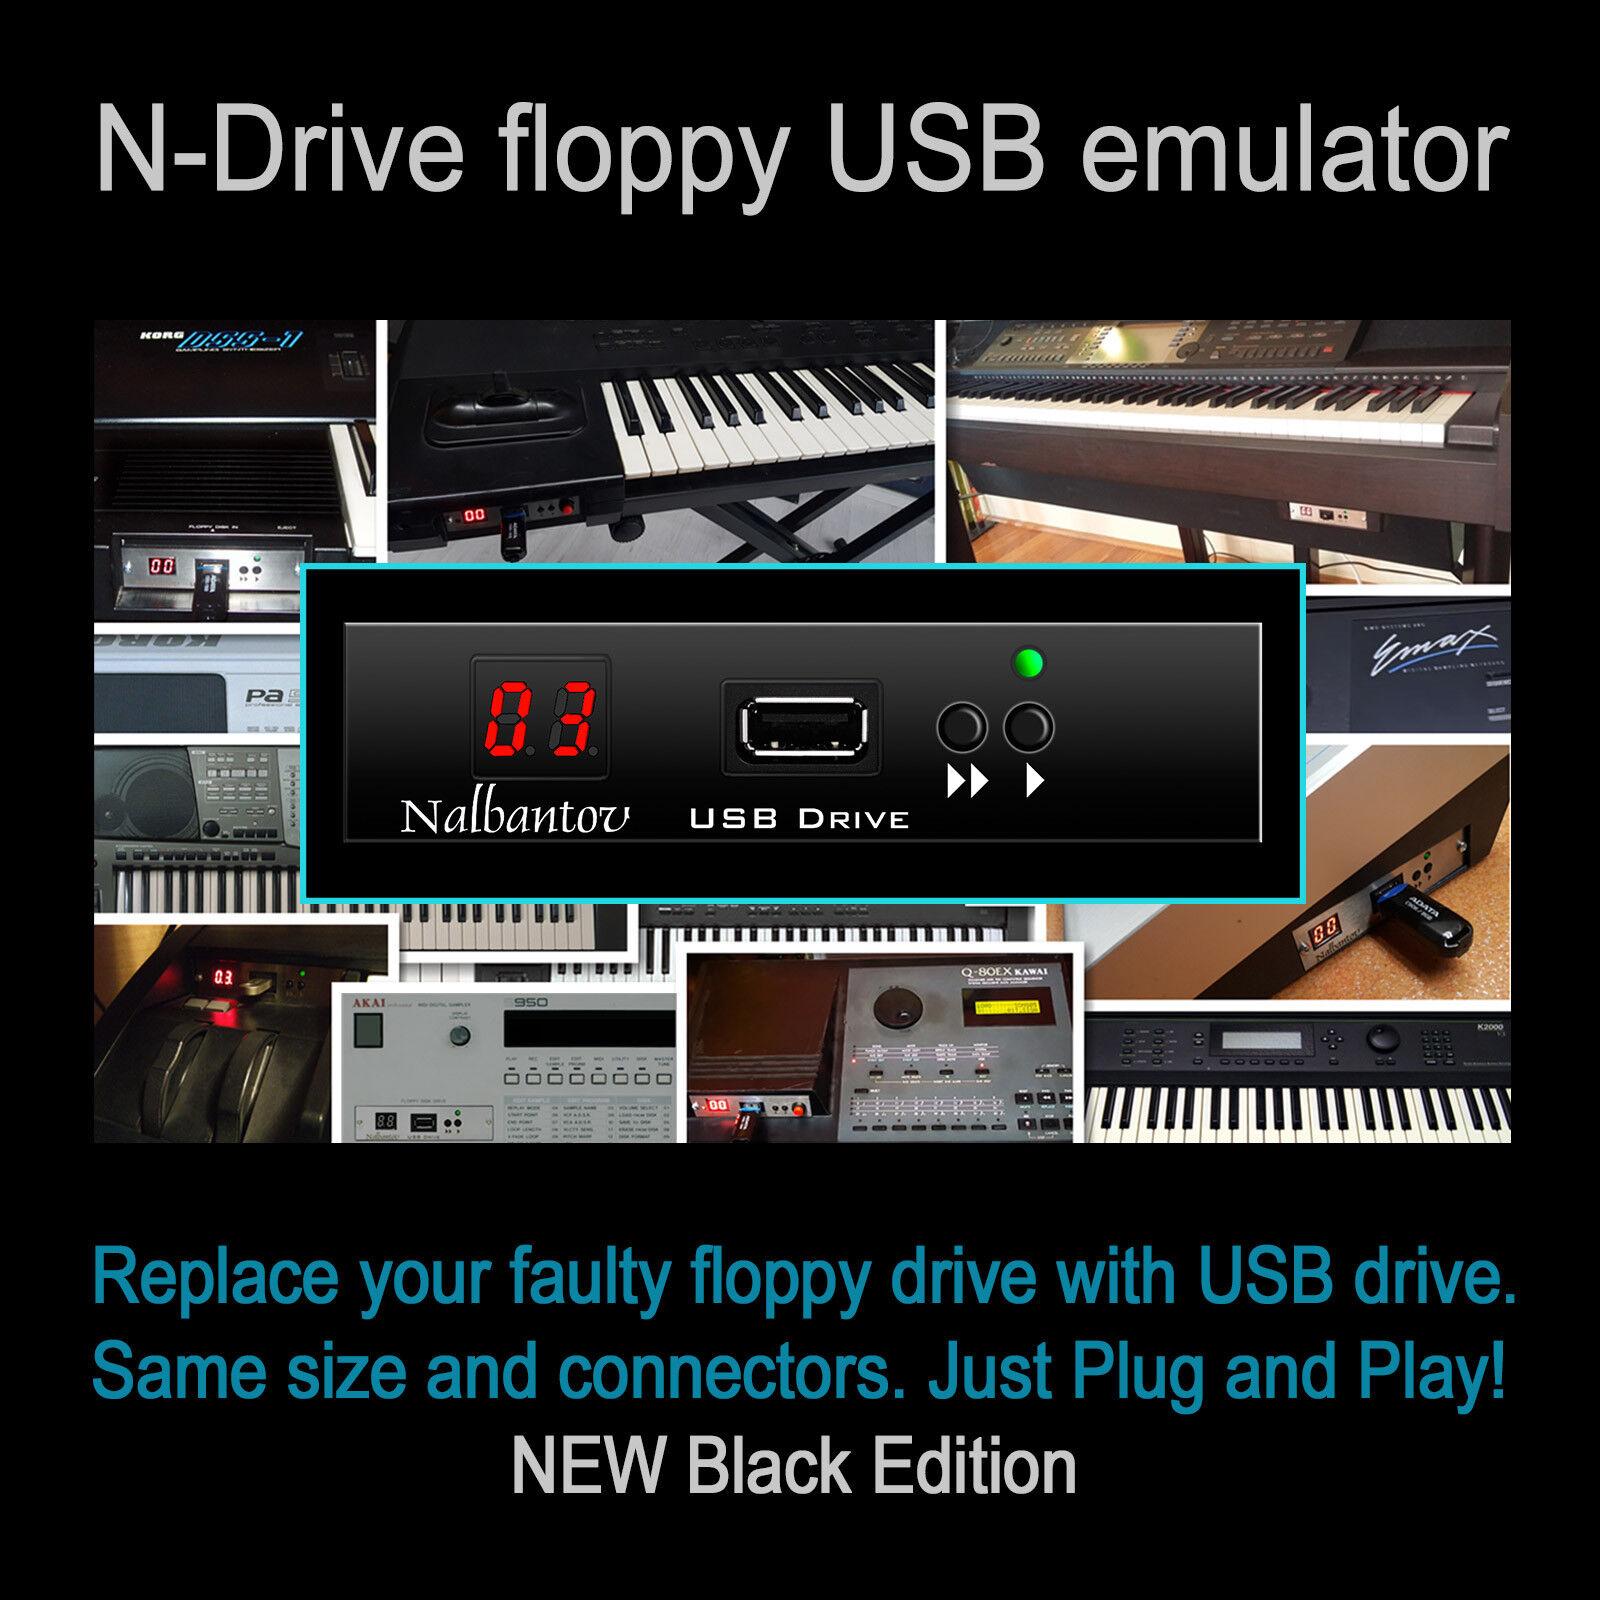 USB Floppy Drive Emulator N-Drive 100 for Casio Celviano AL-100R     AL-150R